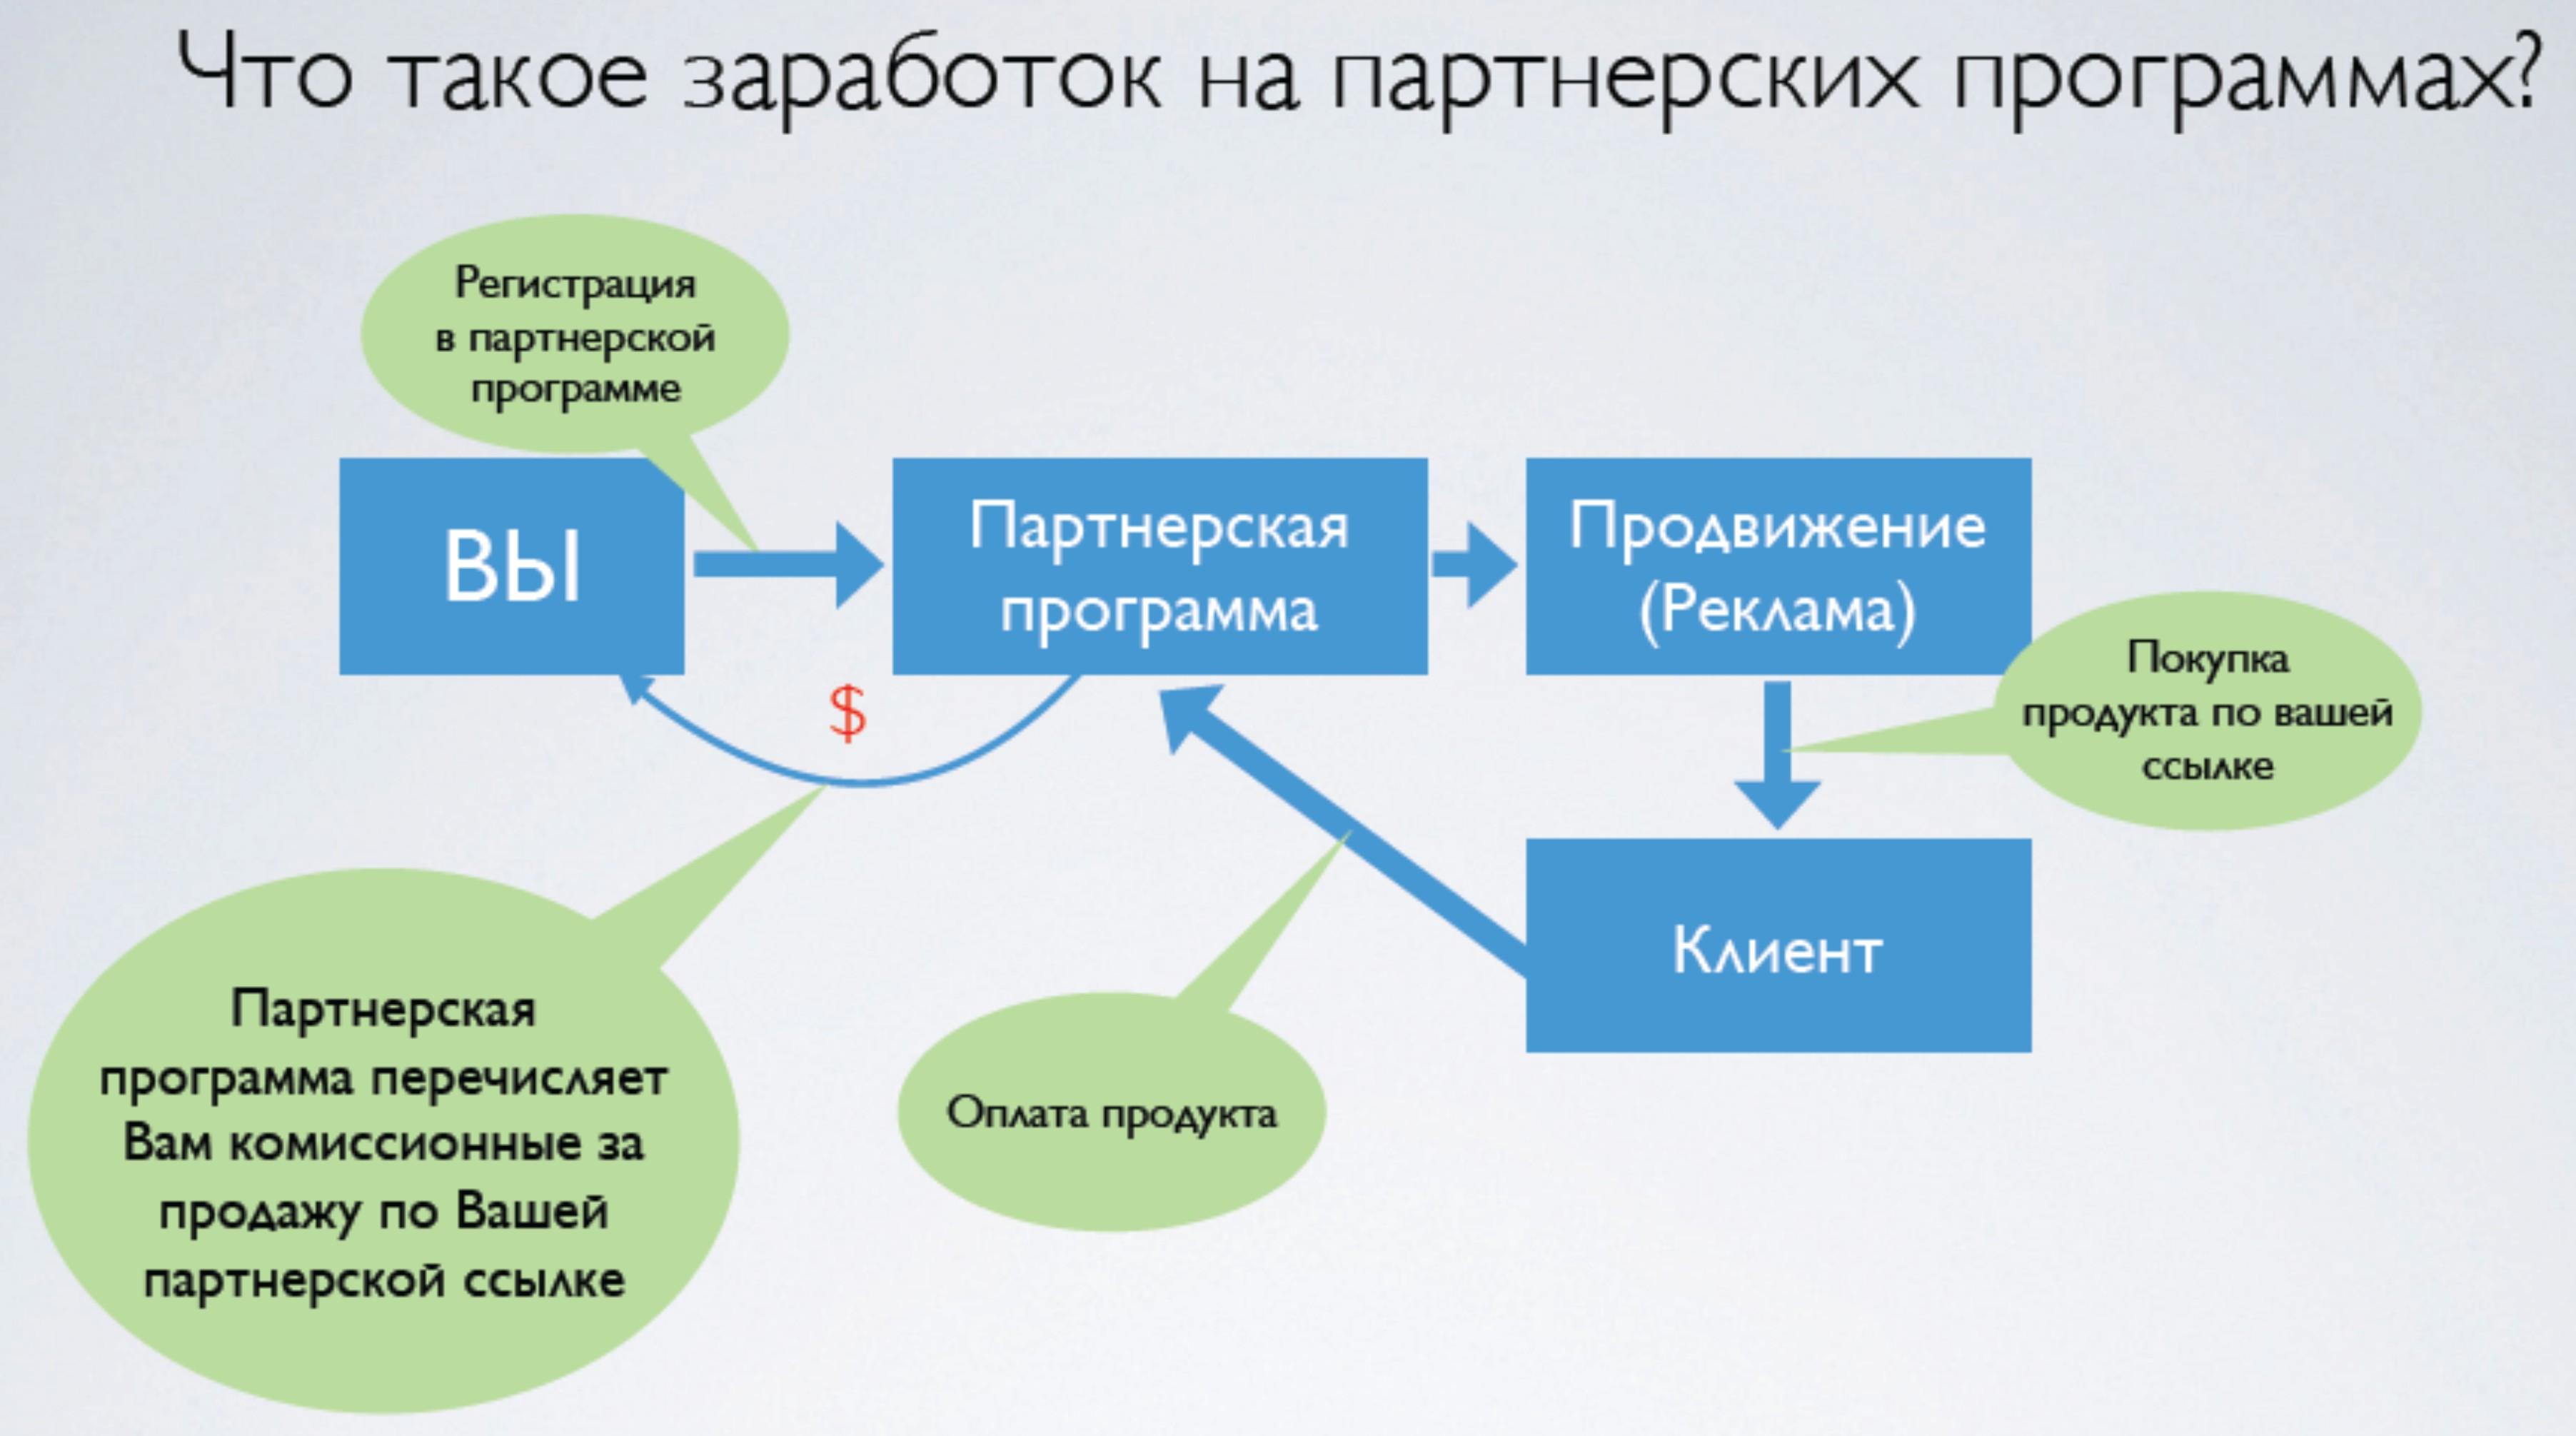 Заработок на партнерских программах